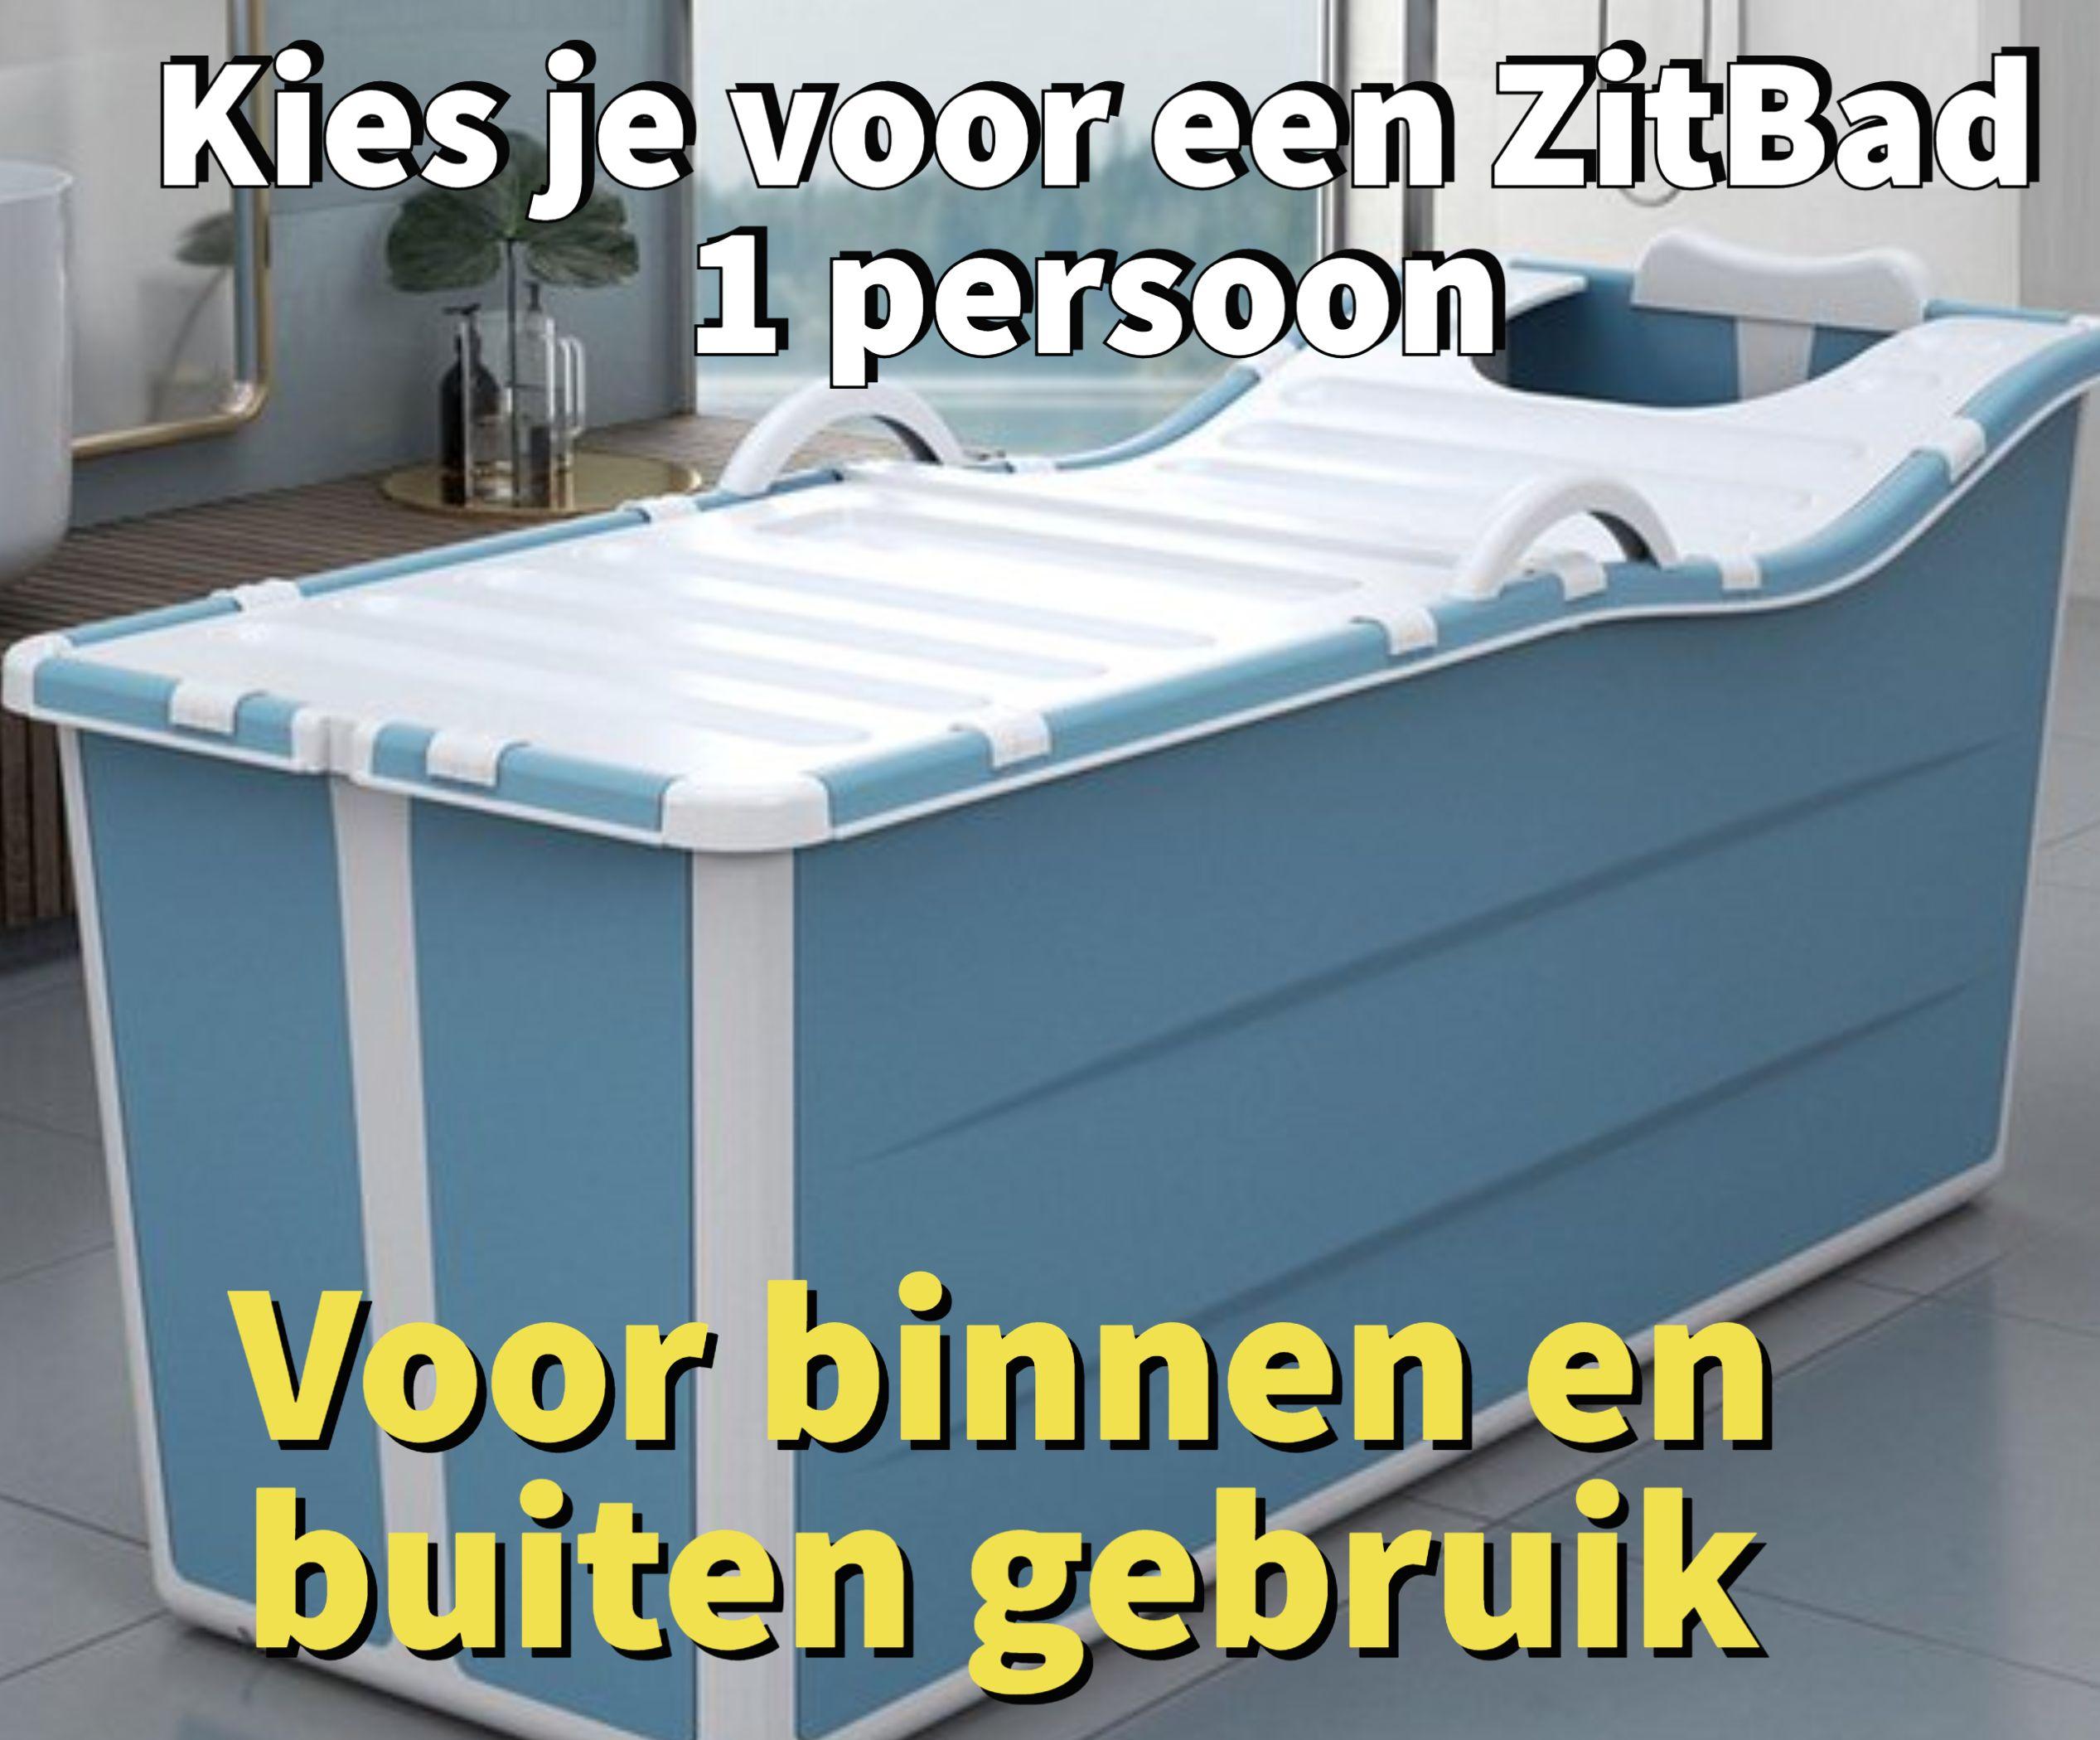 Kies je voor een Zitbad 1 persoon - www.ZitBadXL.nl